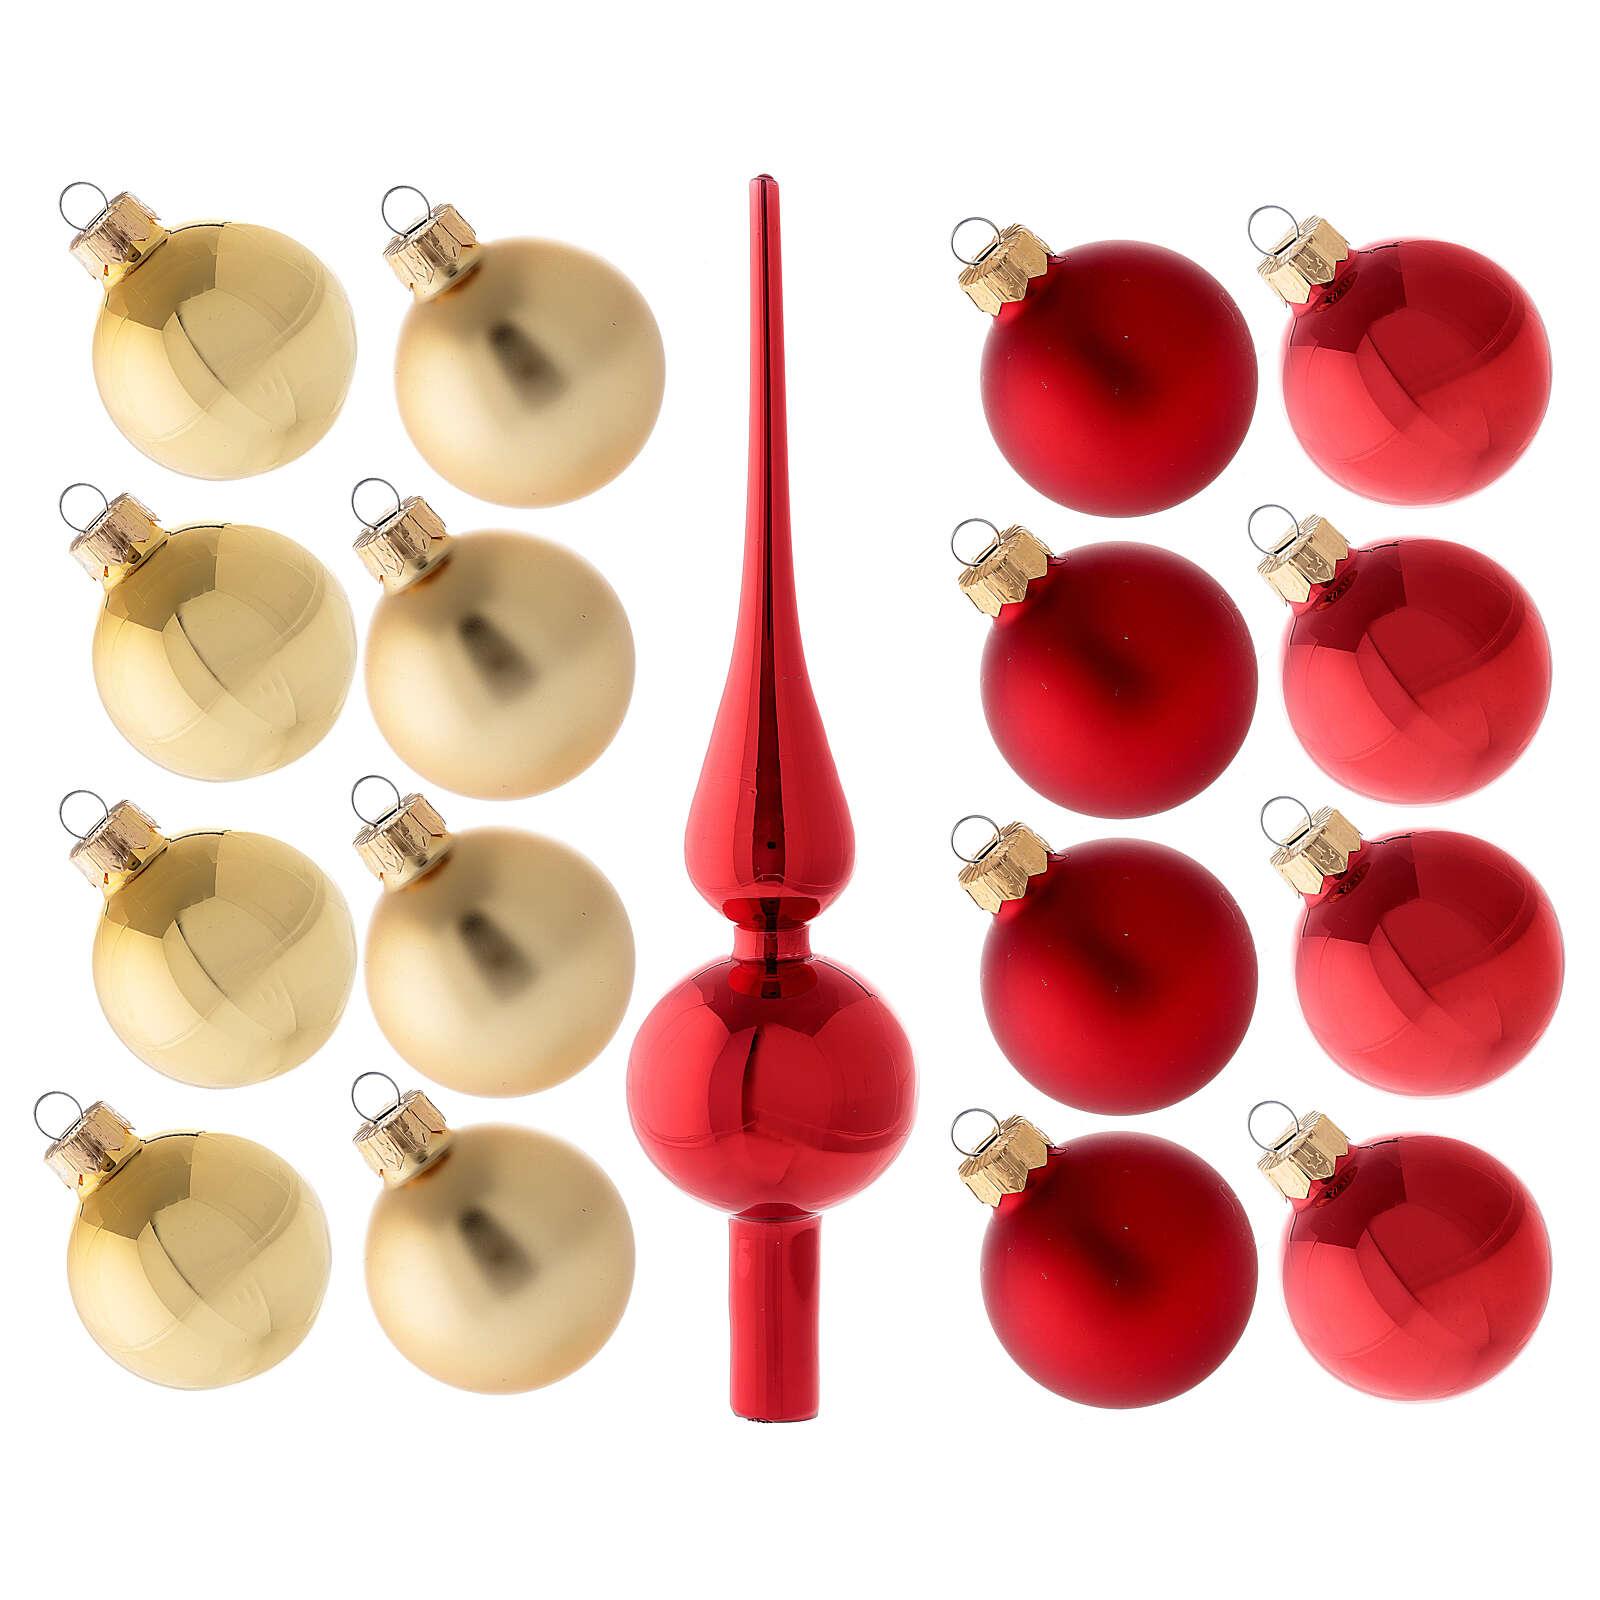 Set decoración árbol Navidad rojo oro punta 16 bolas vidrio soplado 50 mm 4